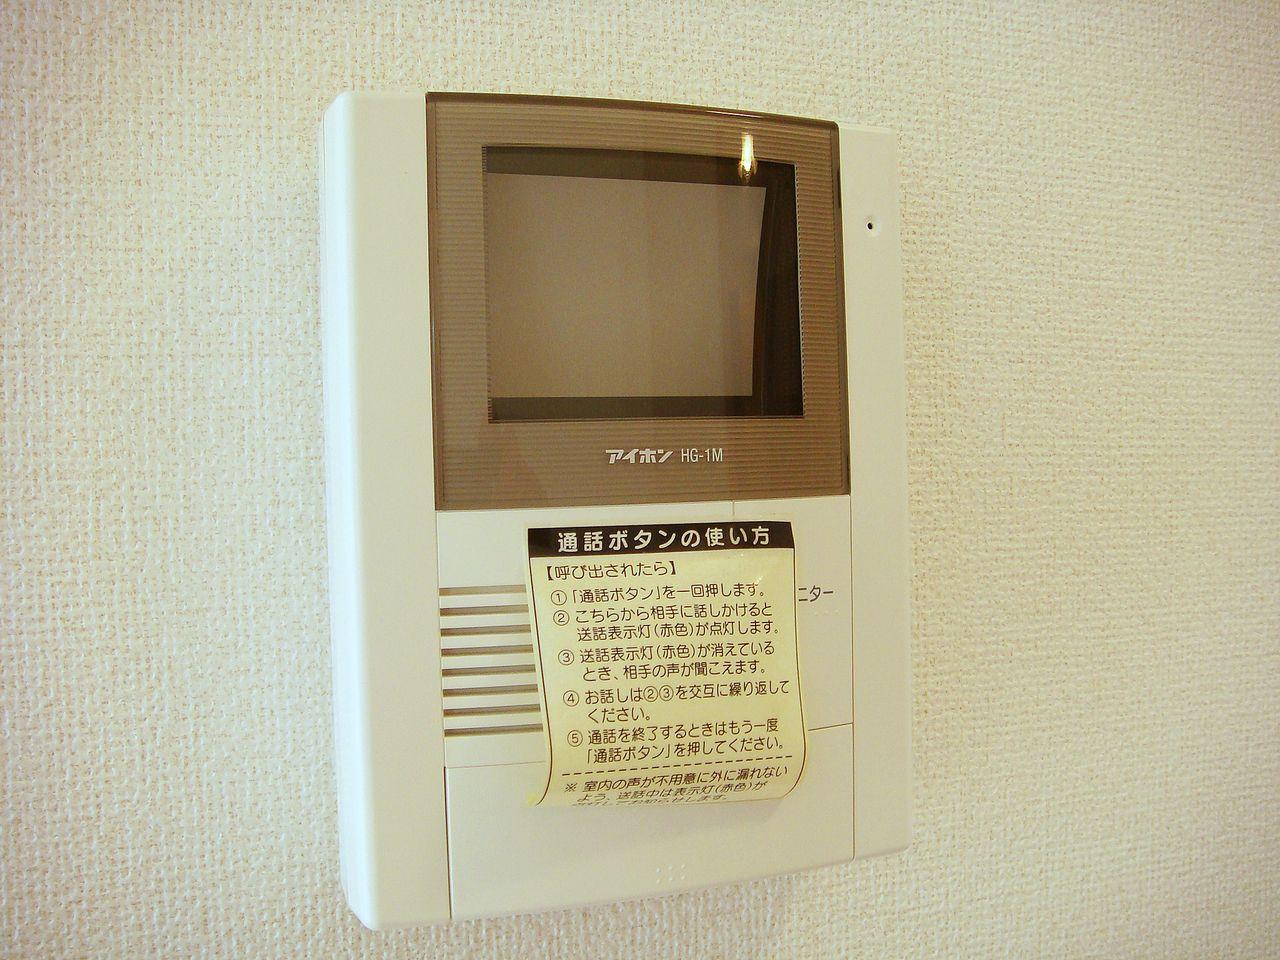 来訪者を映像で確認できます。防犯対策にも役立つ設備です♪